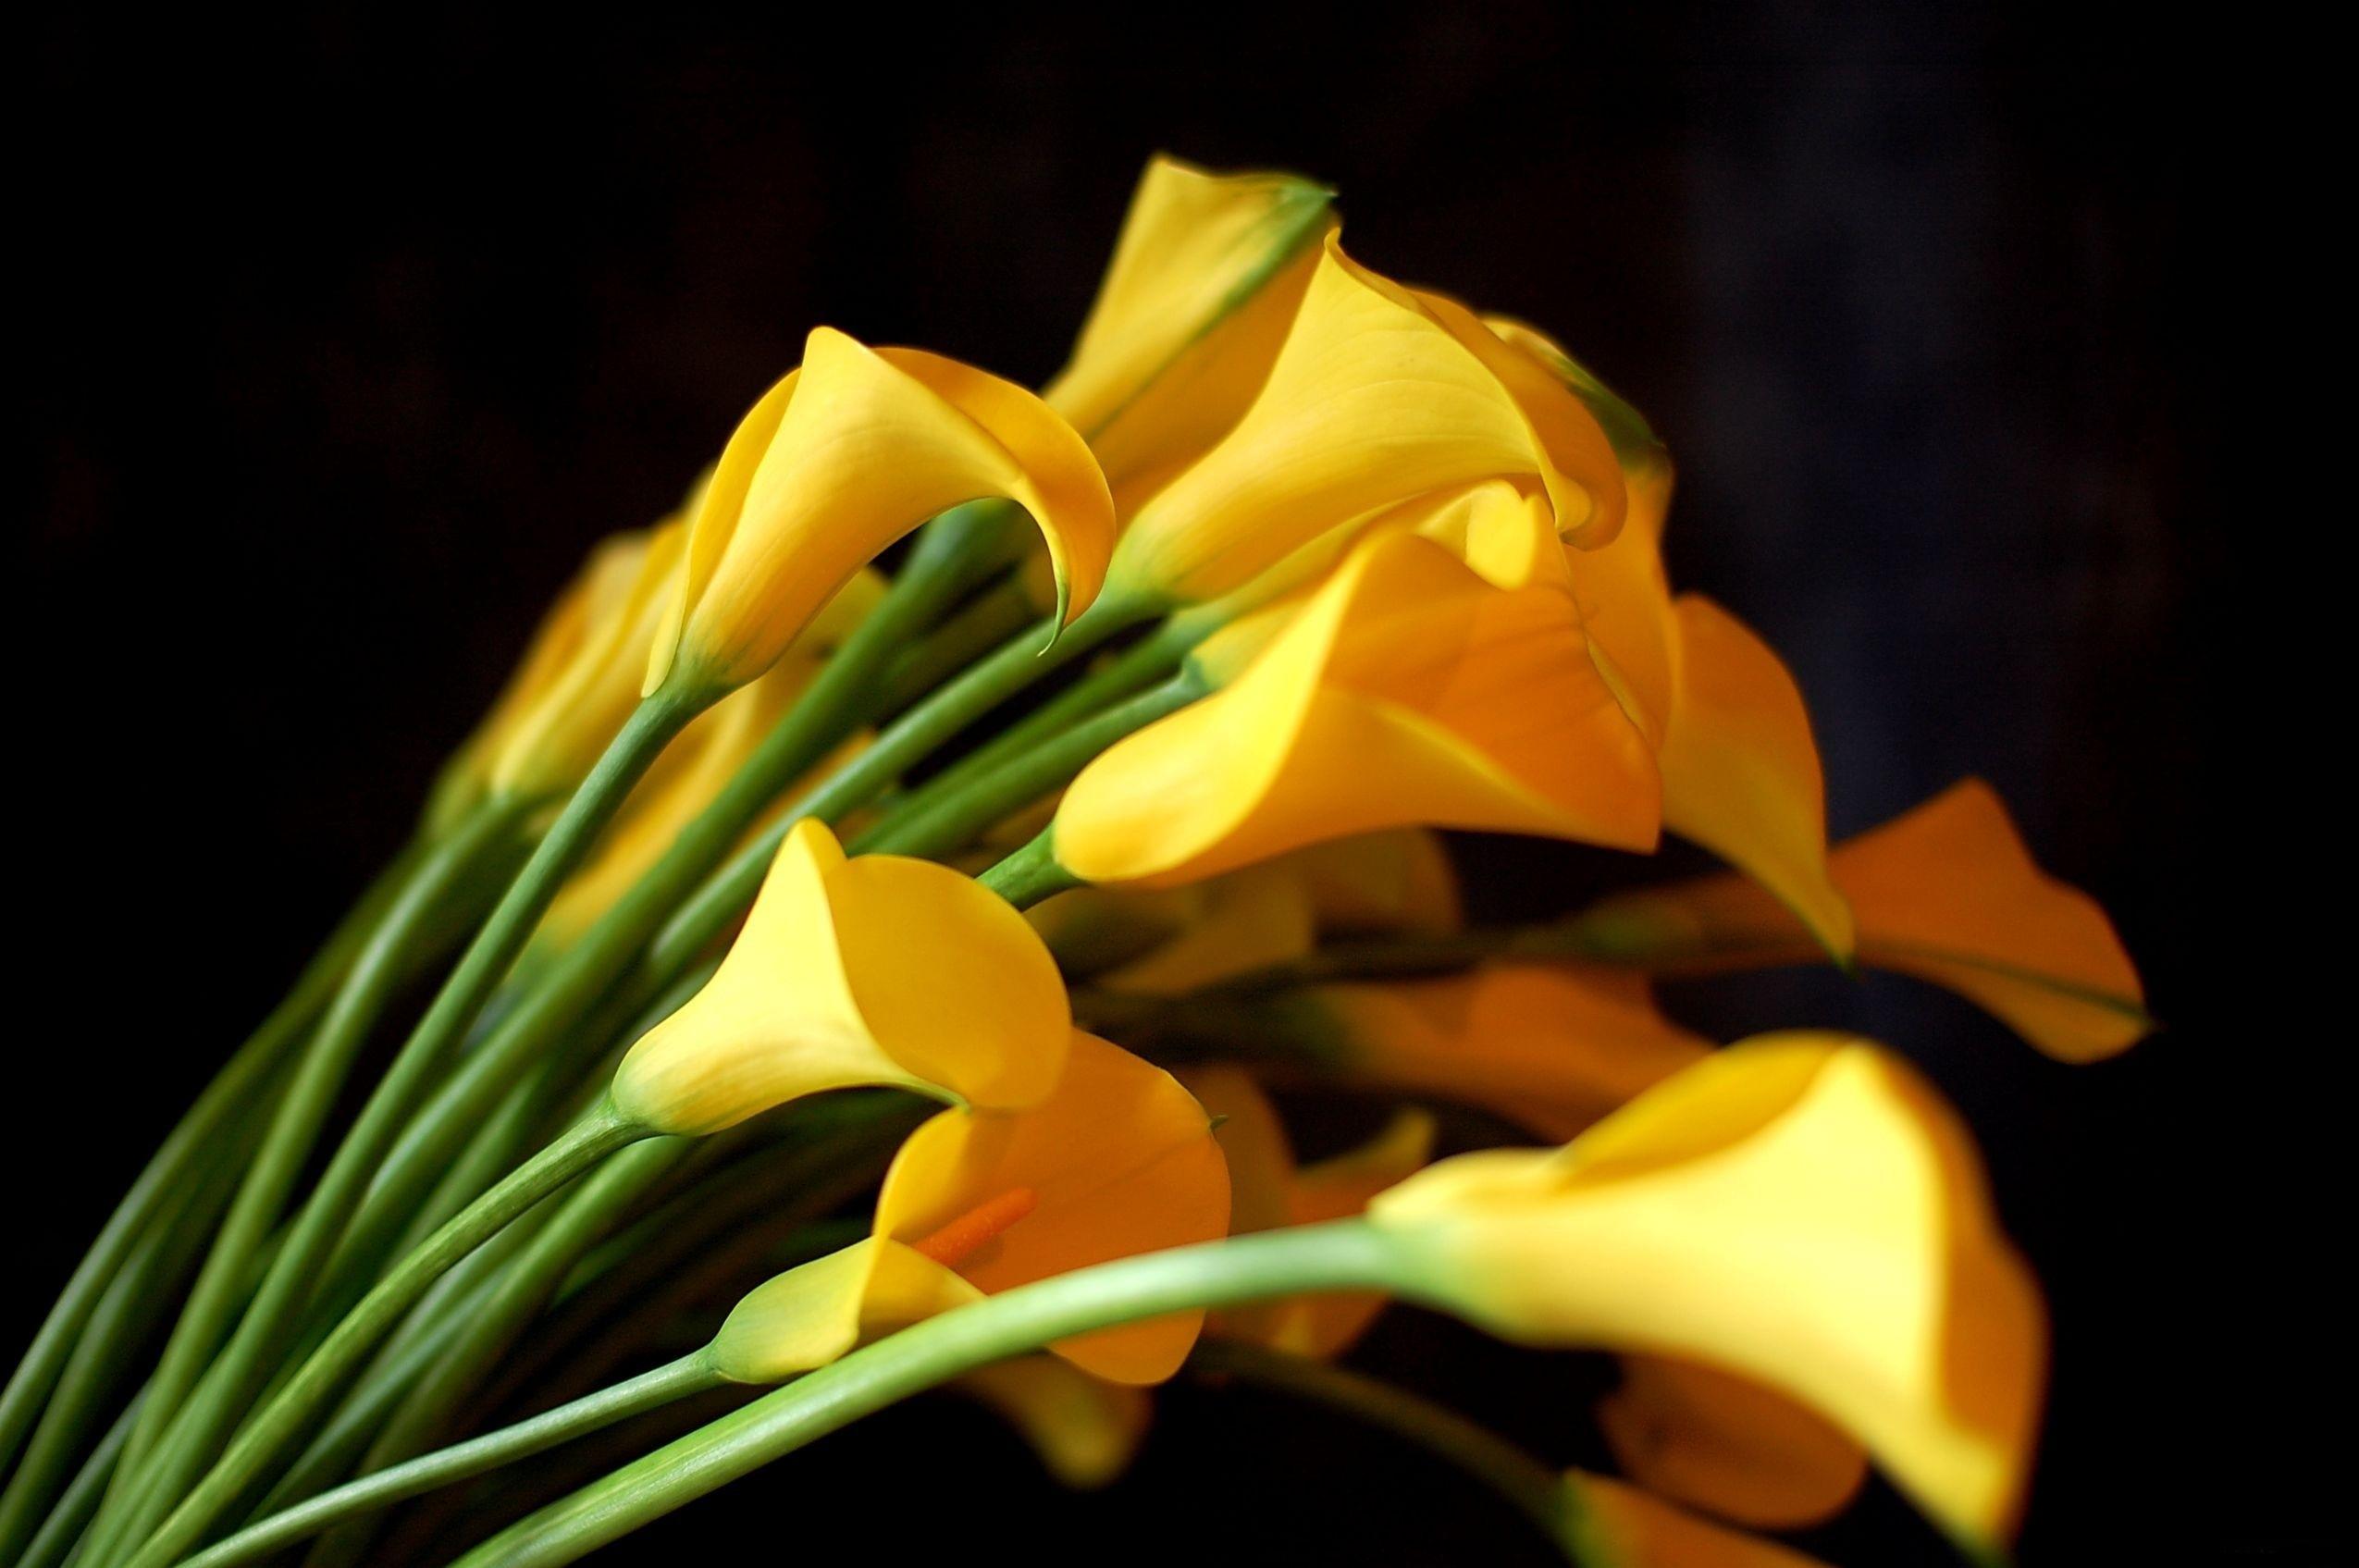 цветы фото траур желтые фотоэкспонометр индивидуальным номером